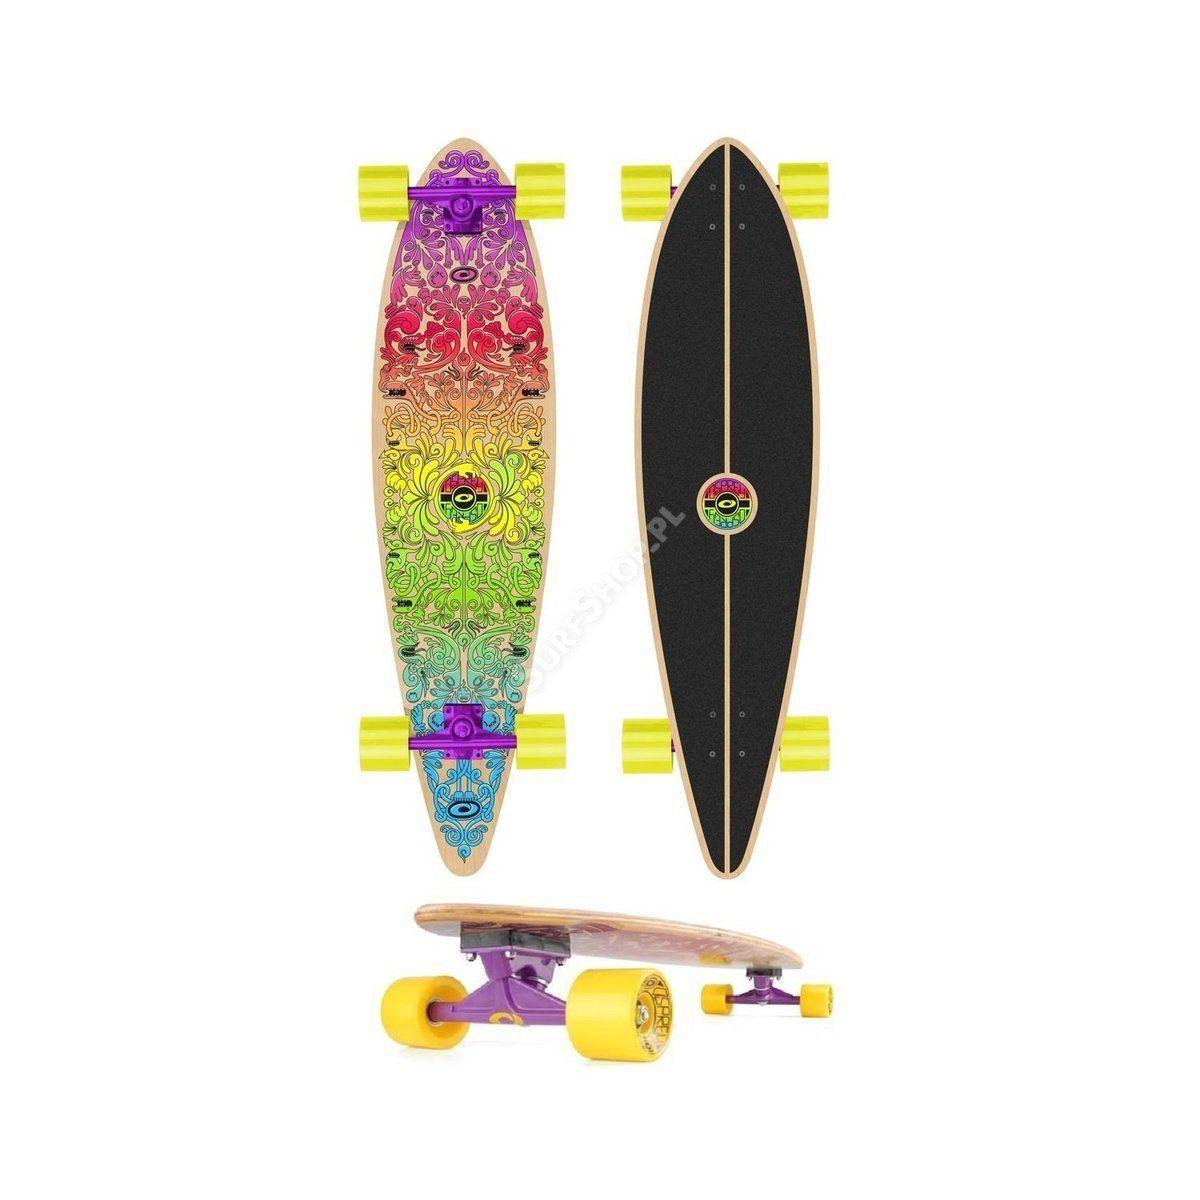 Longboard Osprey Spectrum Pin Tail